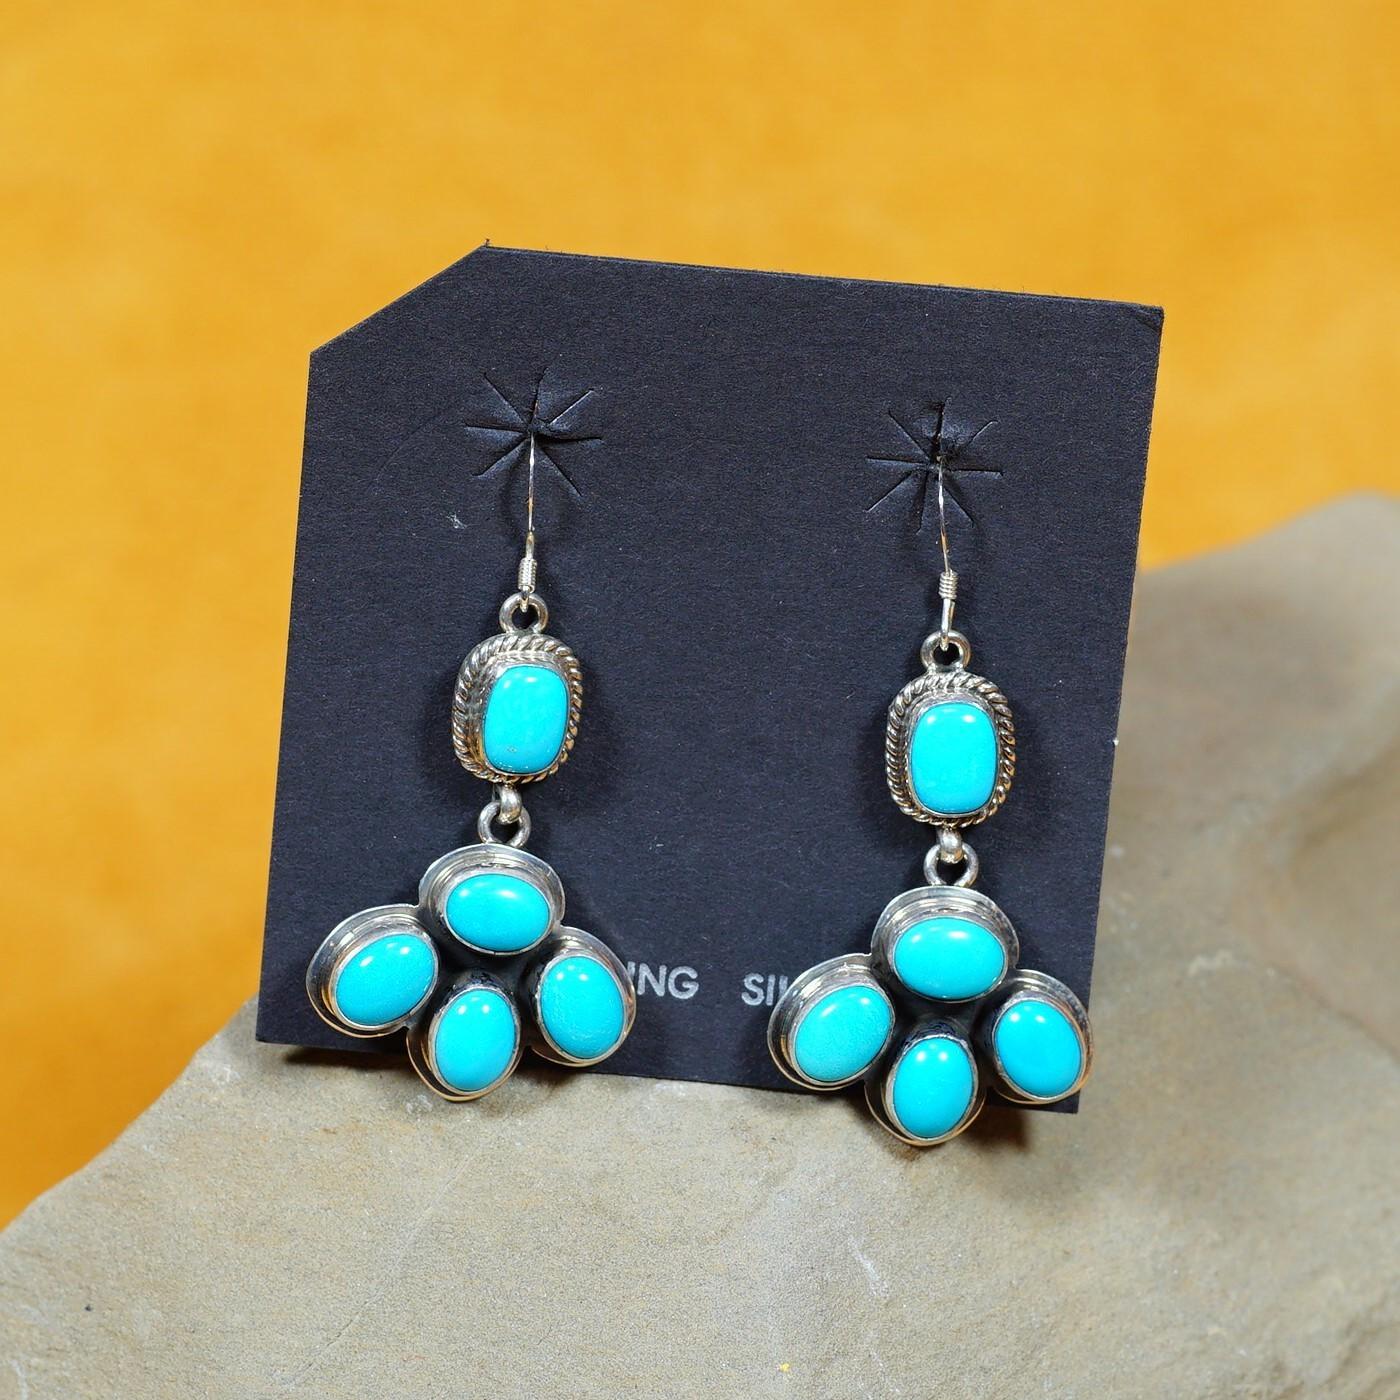 Five Drop Dangle Earrings with Sleeping Beauty Turquoise SB160285